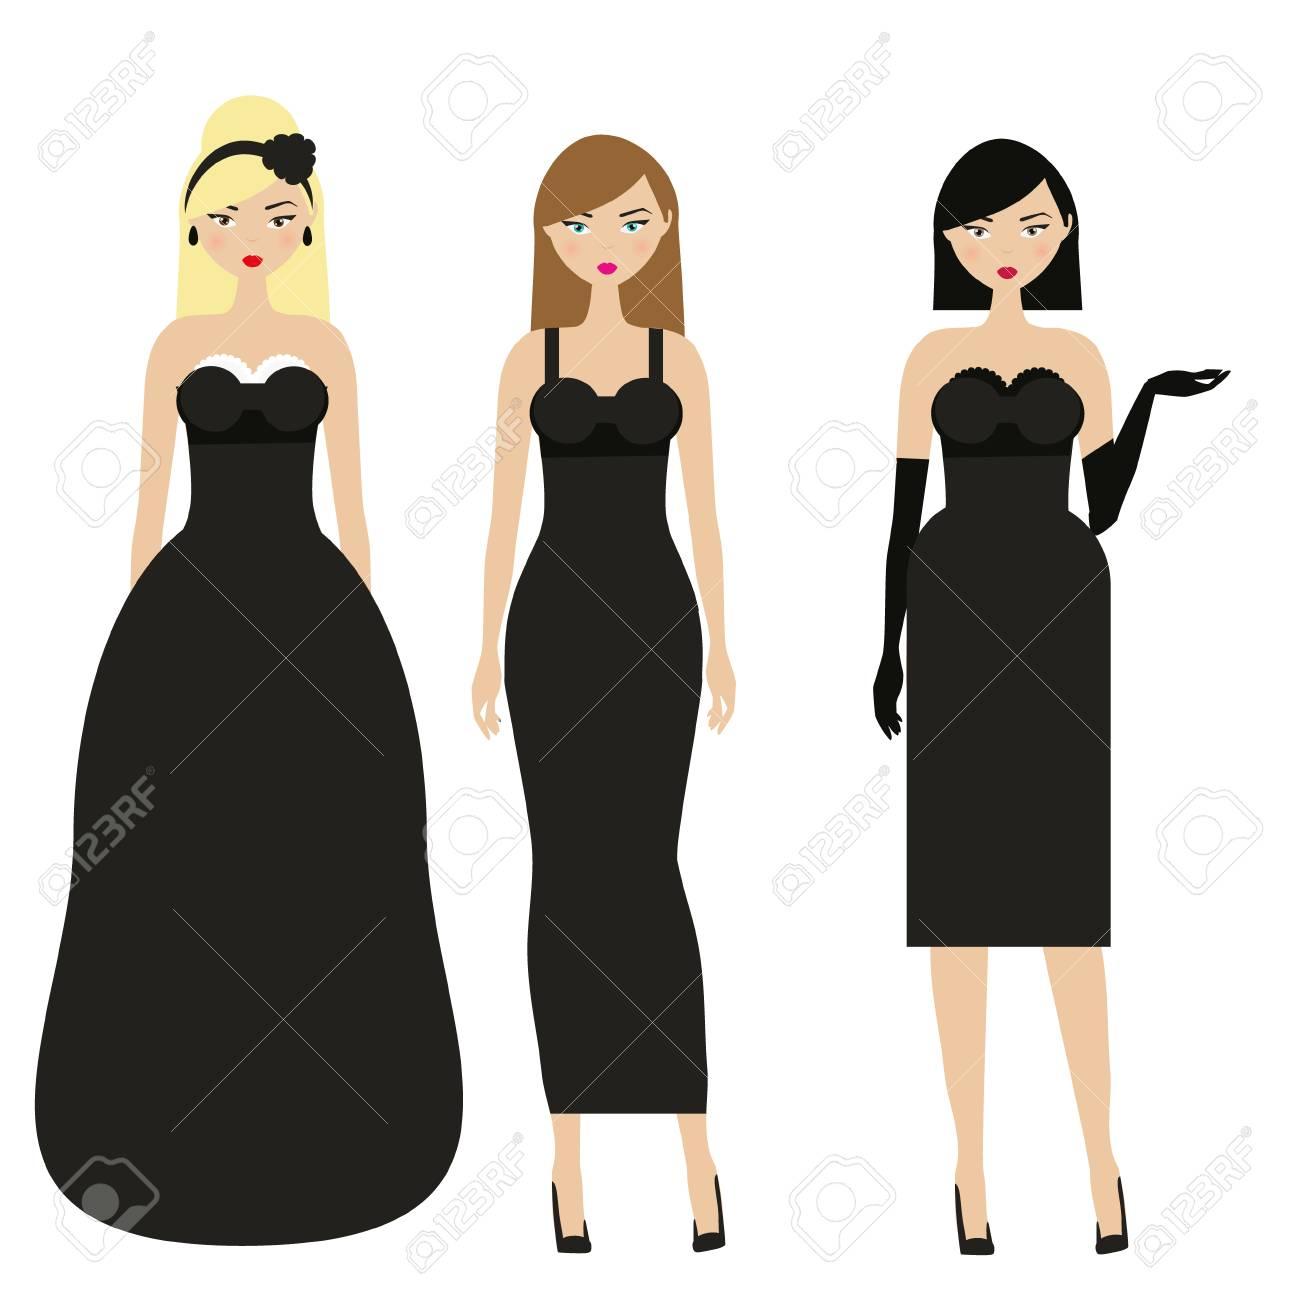 991295ea1 Foto de archivo - Mujeres con vestidos negros. Noche femenina